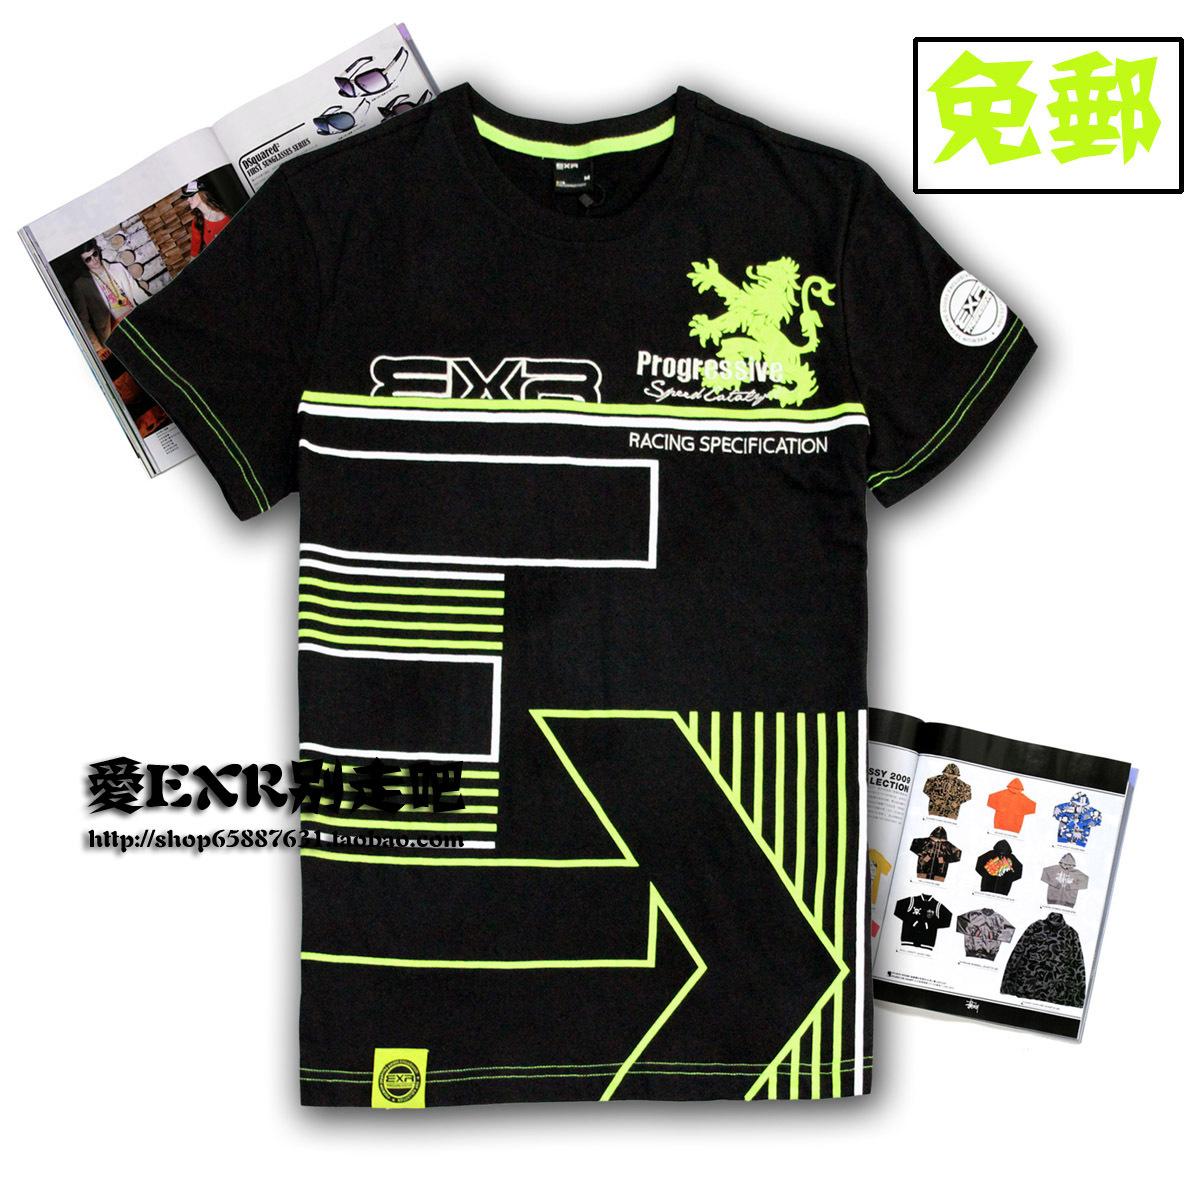 Спортивная футболка EXR 01066 1066 Стандартный Воротник-стойка 100 хлопок Спорт и отдых Воздухопроницаемые, Защита от UV, Суперэластичность % Дизайн, С надписями, Вышивка, Линейная, С логотипом бренда